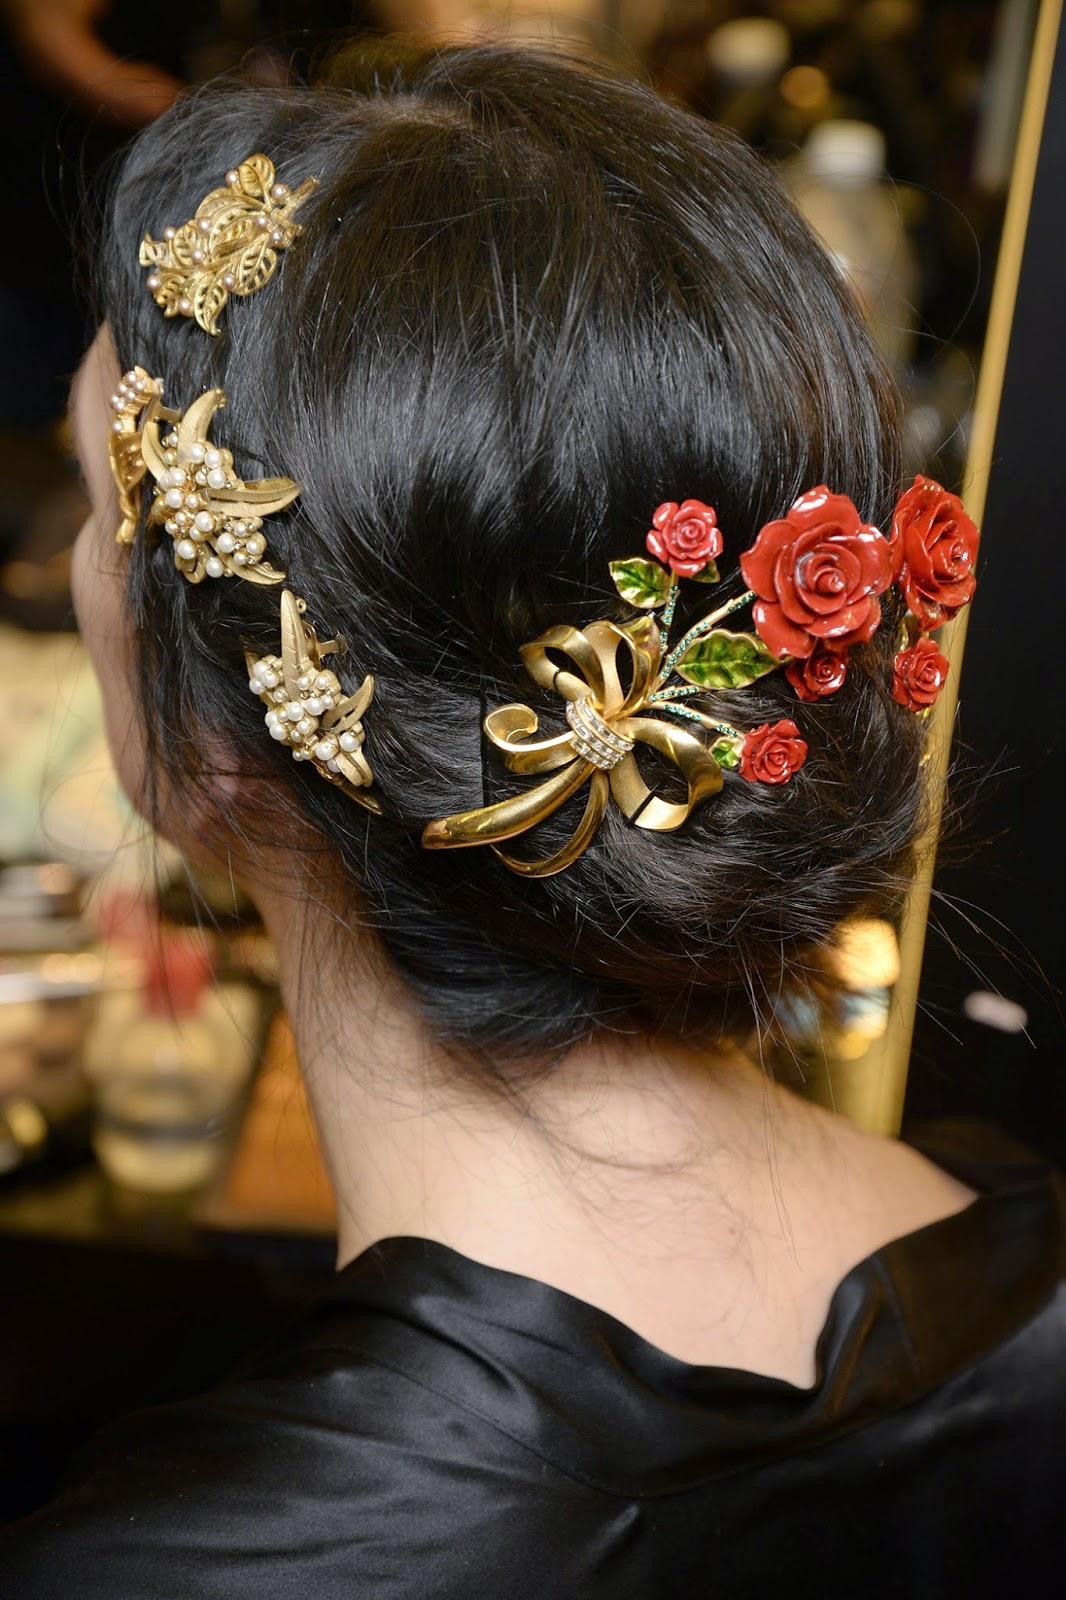 Fashion Runway Dolce And Gabbana Fall Winter 2015 16